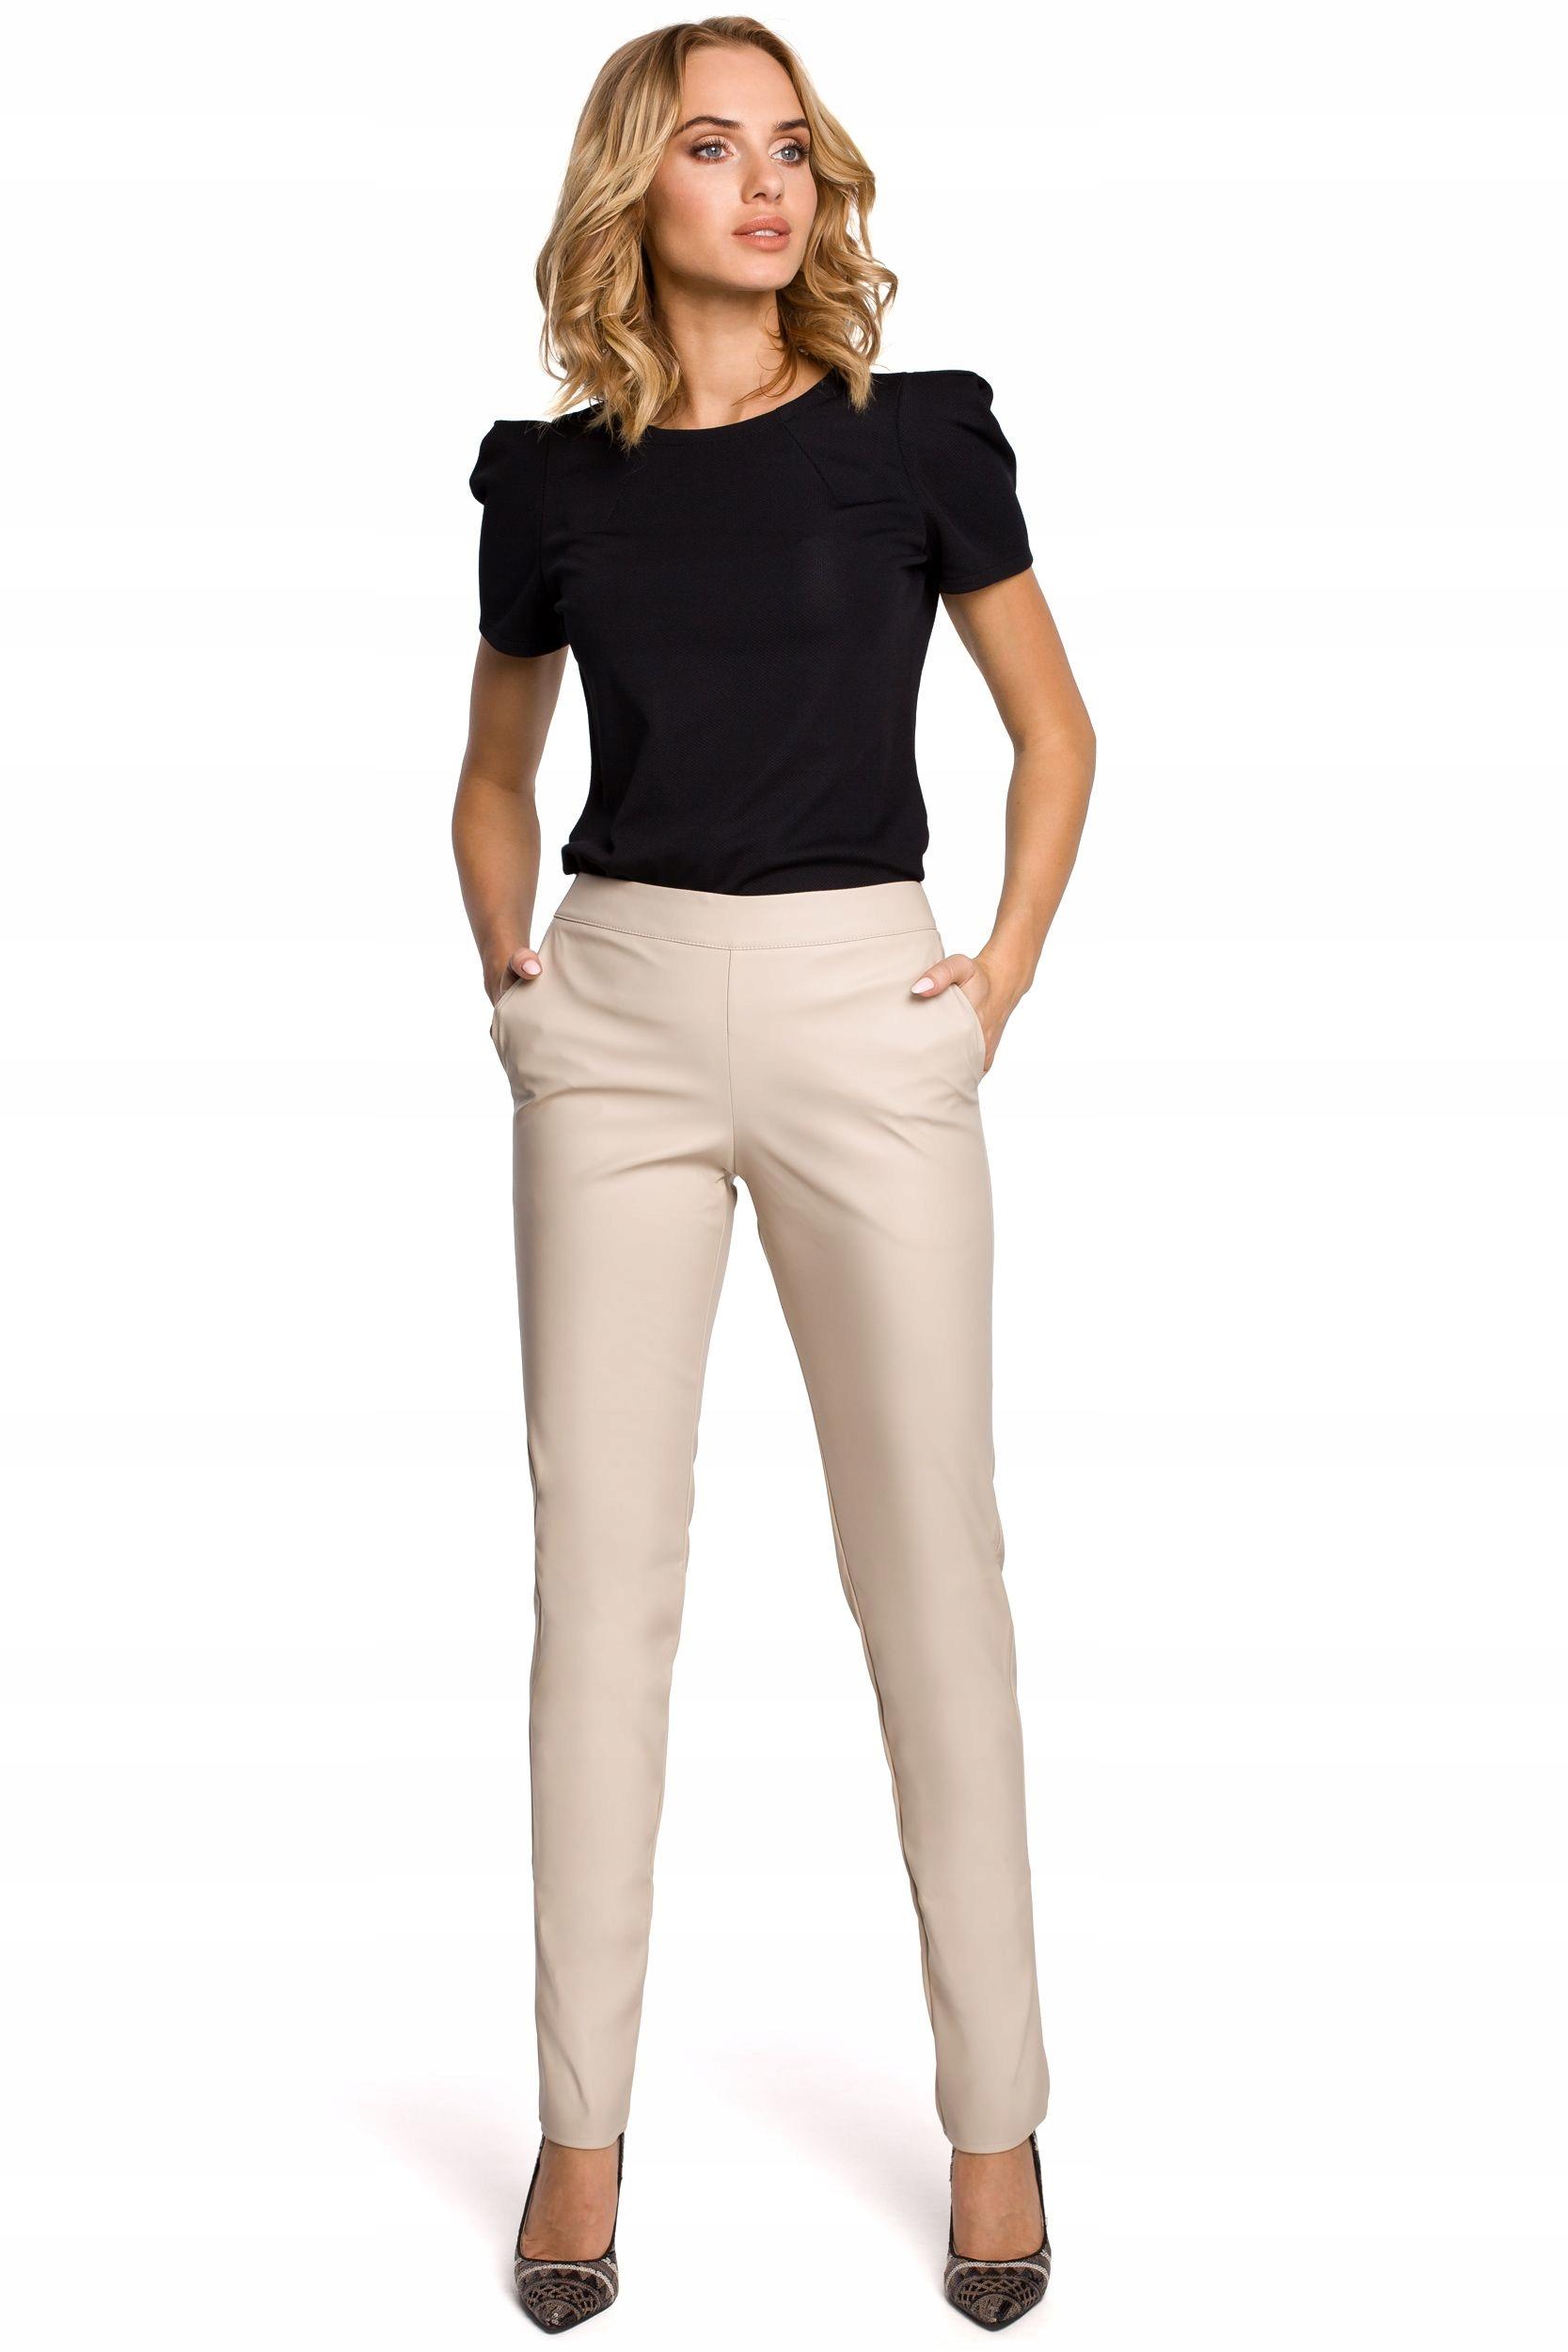 M144 Spodnie rurki z ekologicznej skóry - beżowe 3